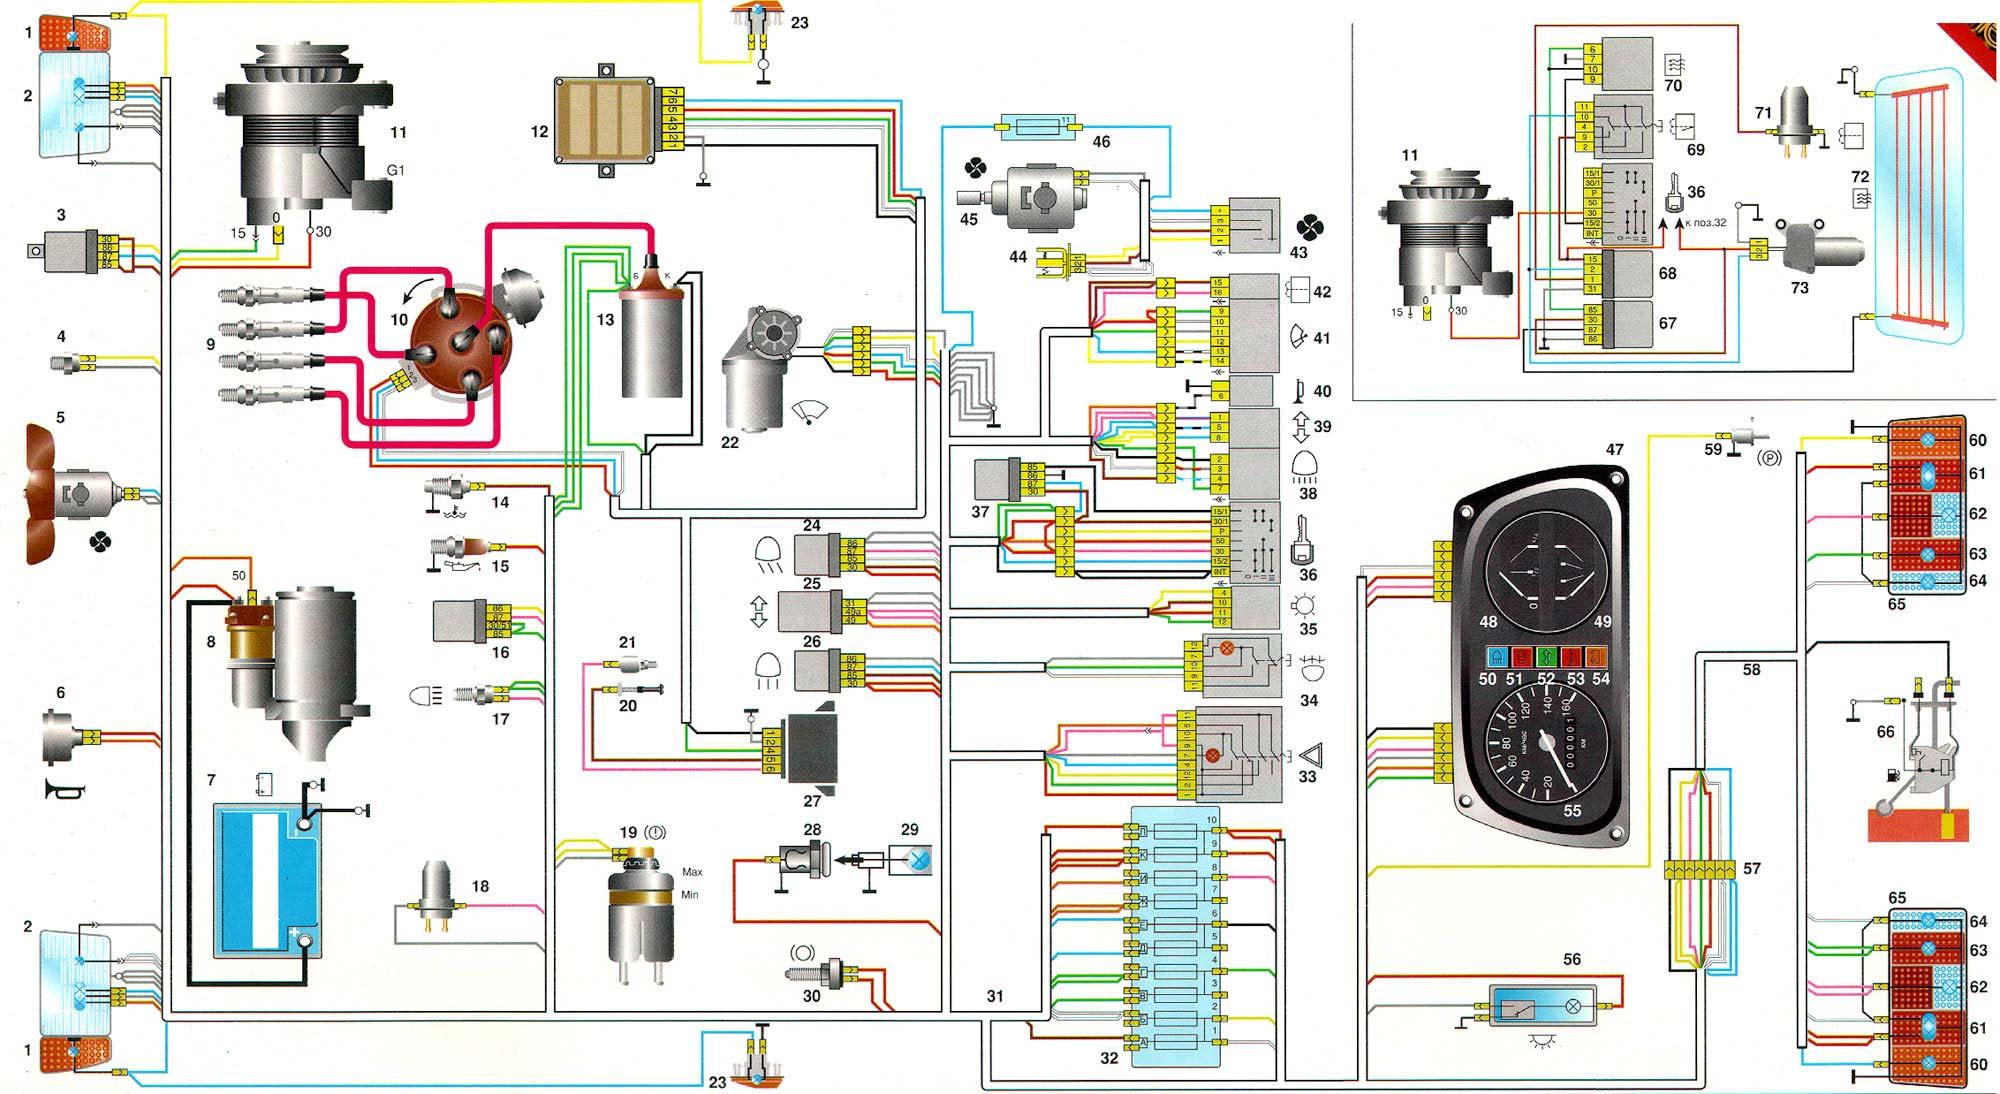 Условные обозначения датчиков, органов управления и контроля к cхеме электрооборудования автомобиля...